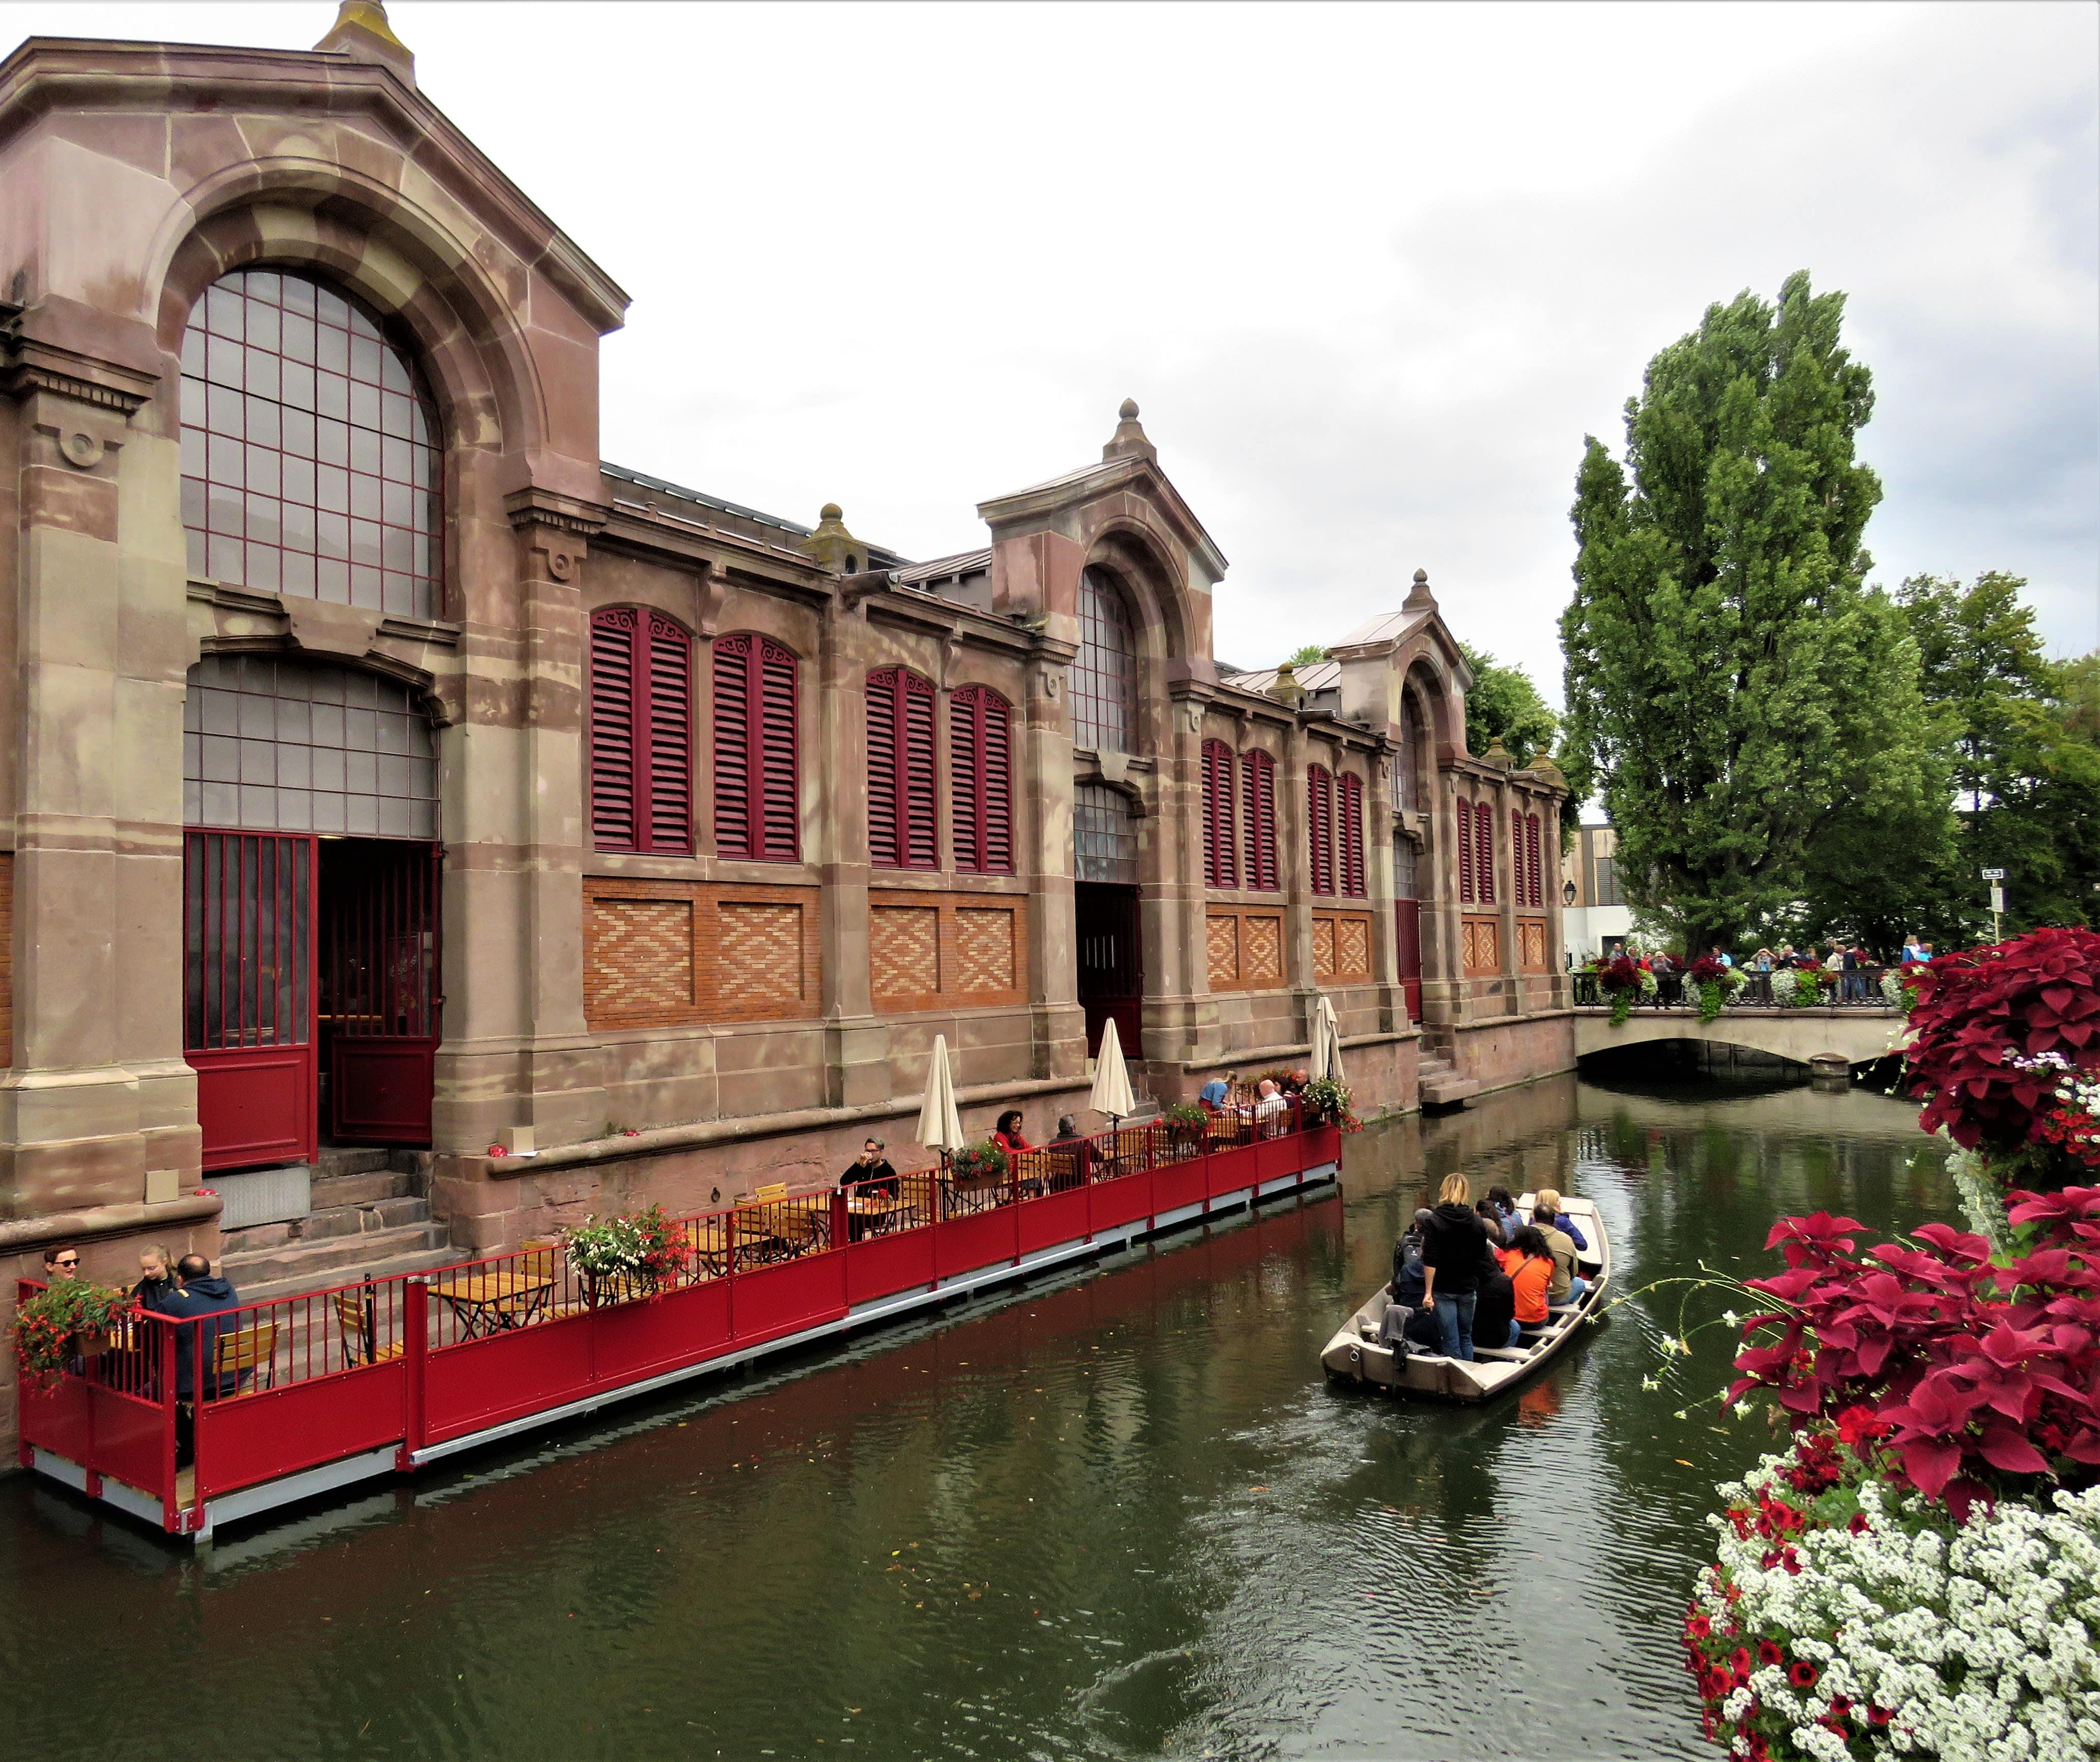 På kanalene går det småbåter hele tiden